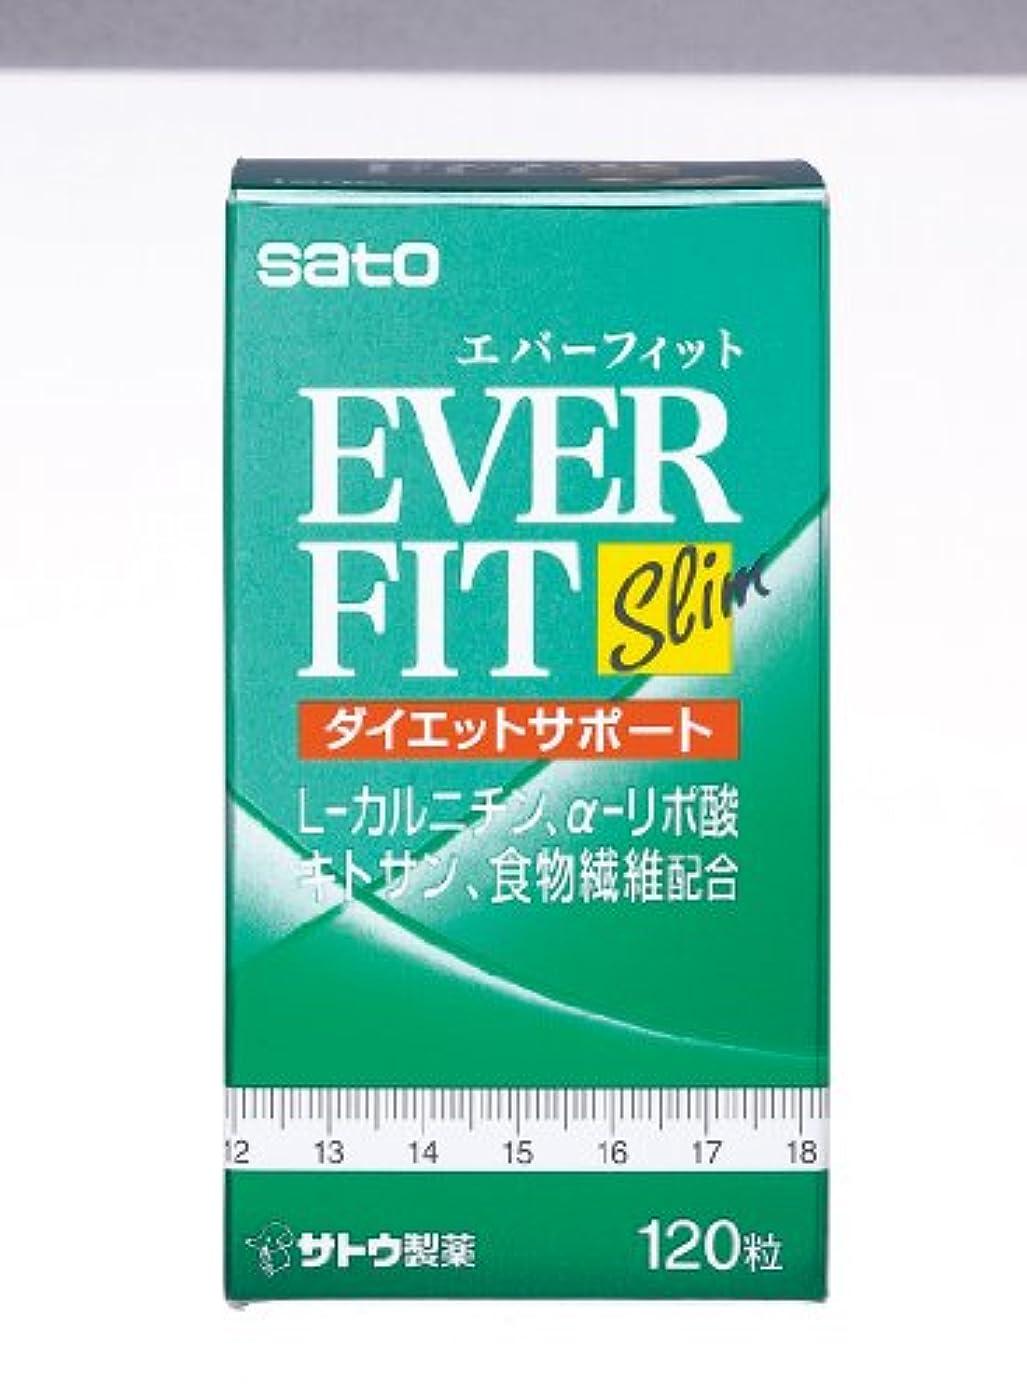 雑品材料表現エバーフィット 120粒